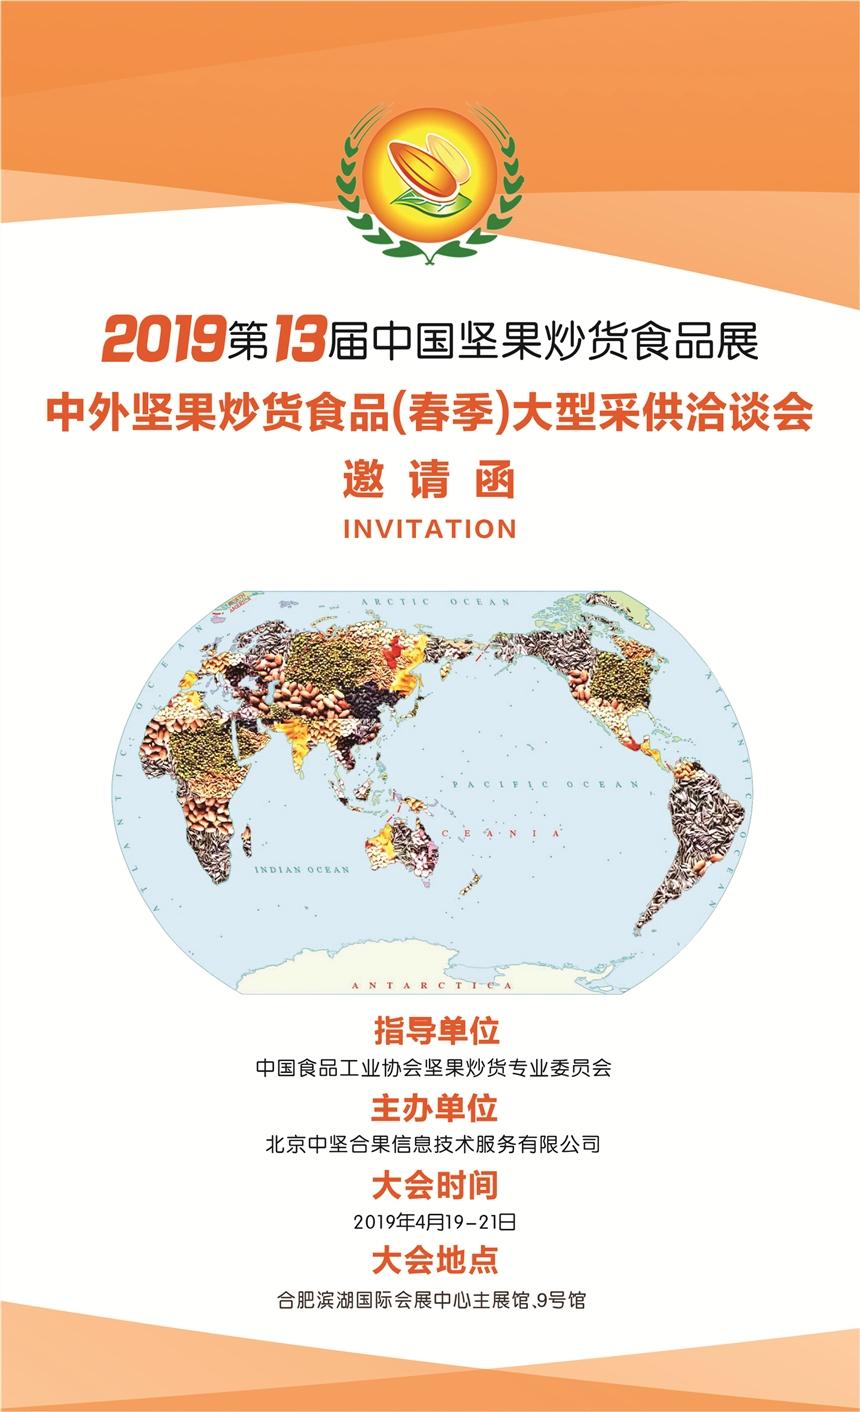 2019十三届中国坚果炒货食品展览会(机械设备,食品两大展区